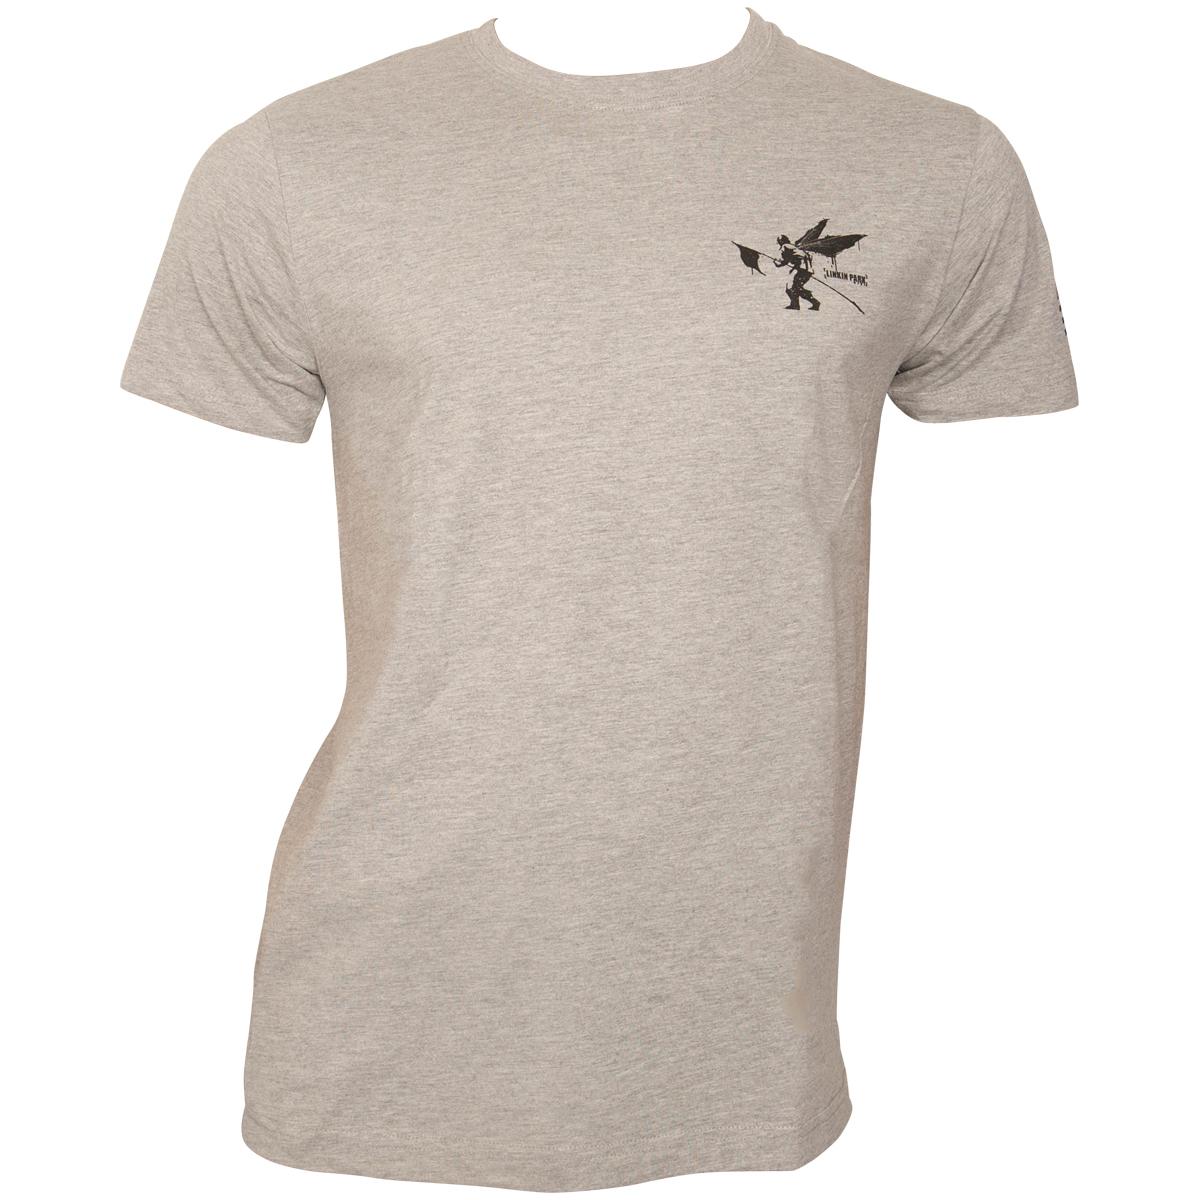 Linkin Park - T-Shirt Flag Tee - grau